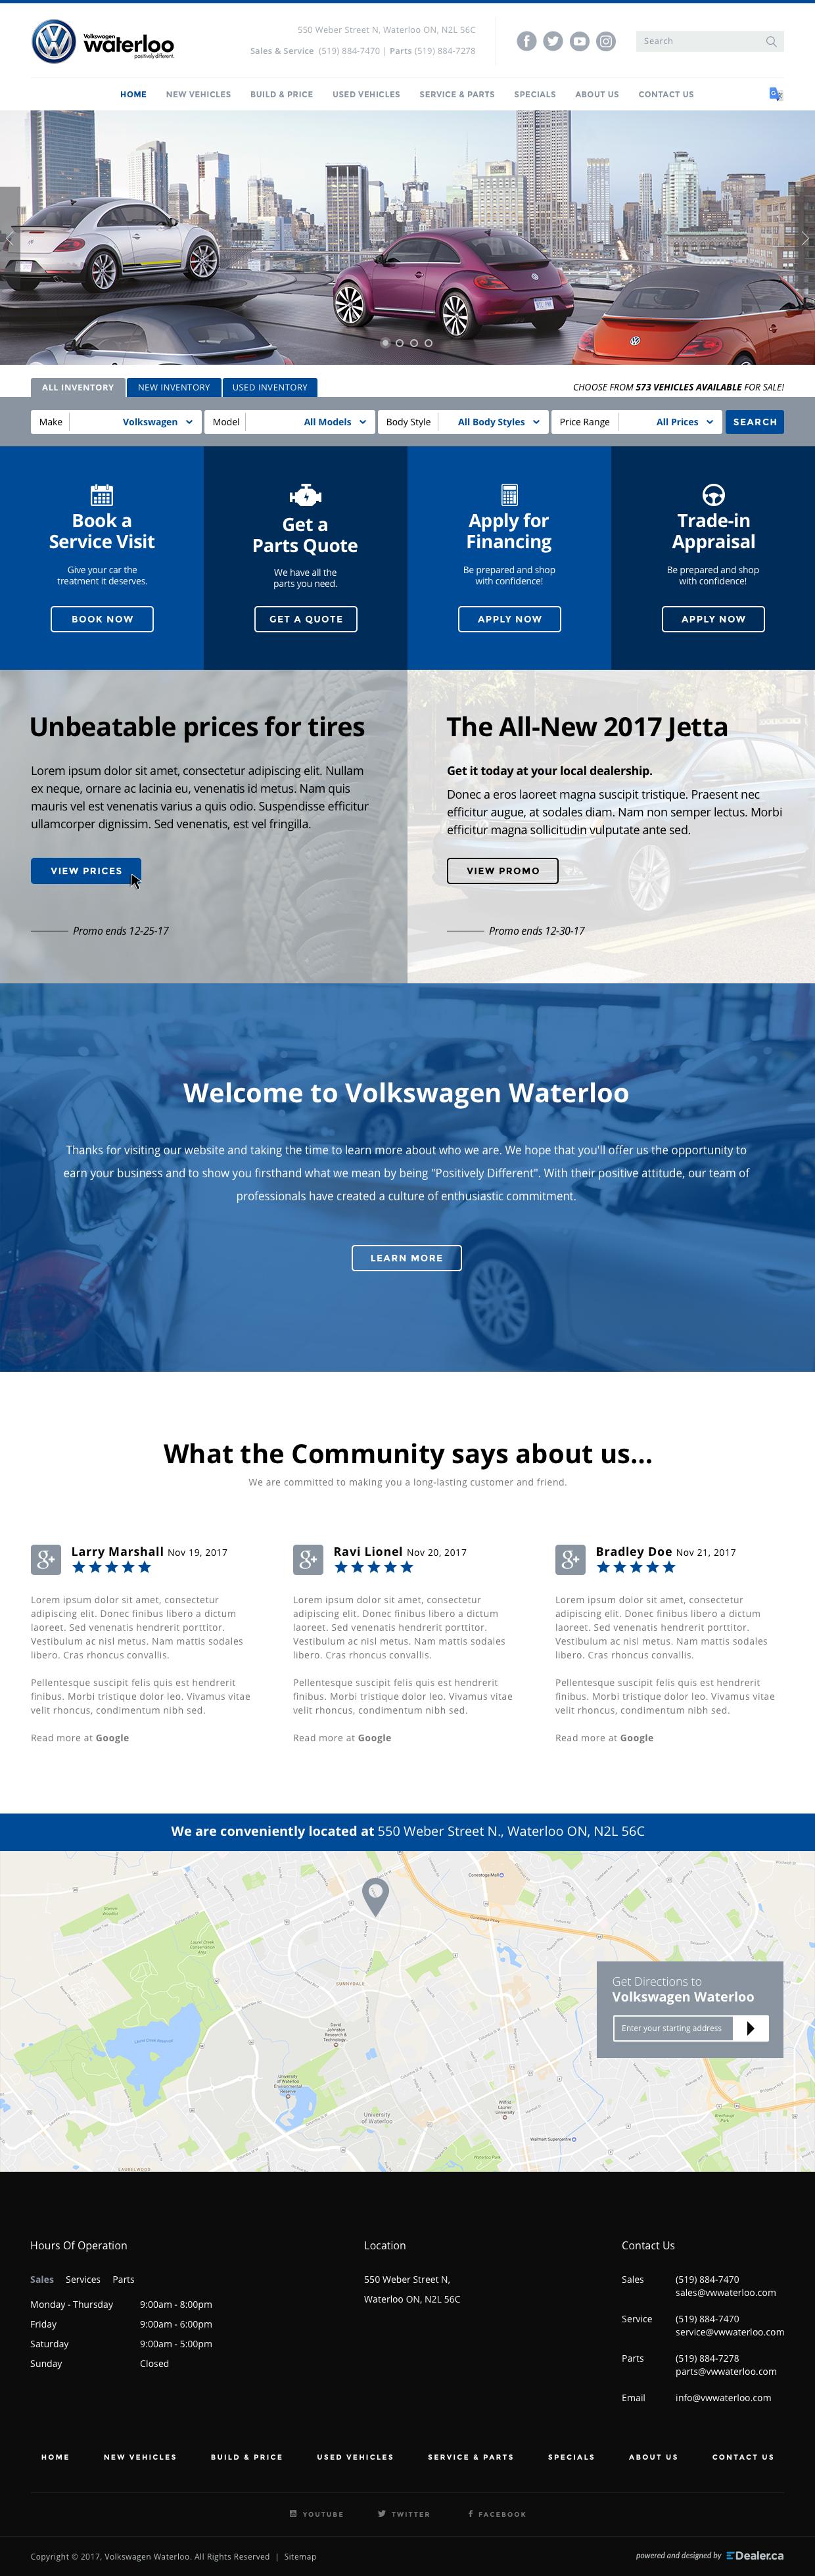 VolkswagenWaterloo-1240px-final